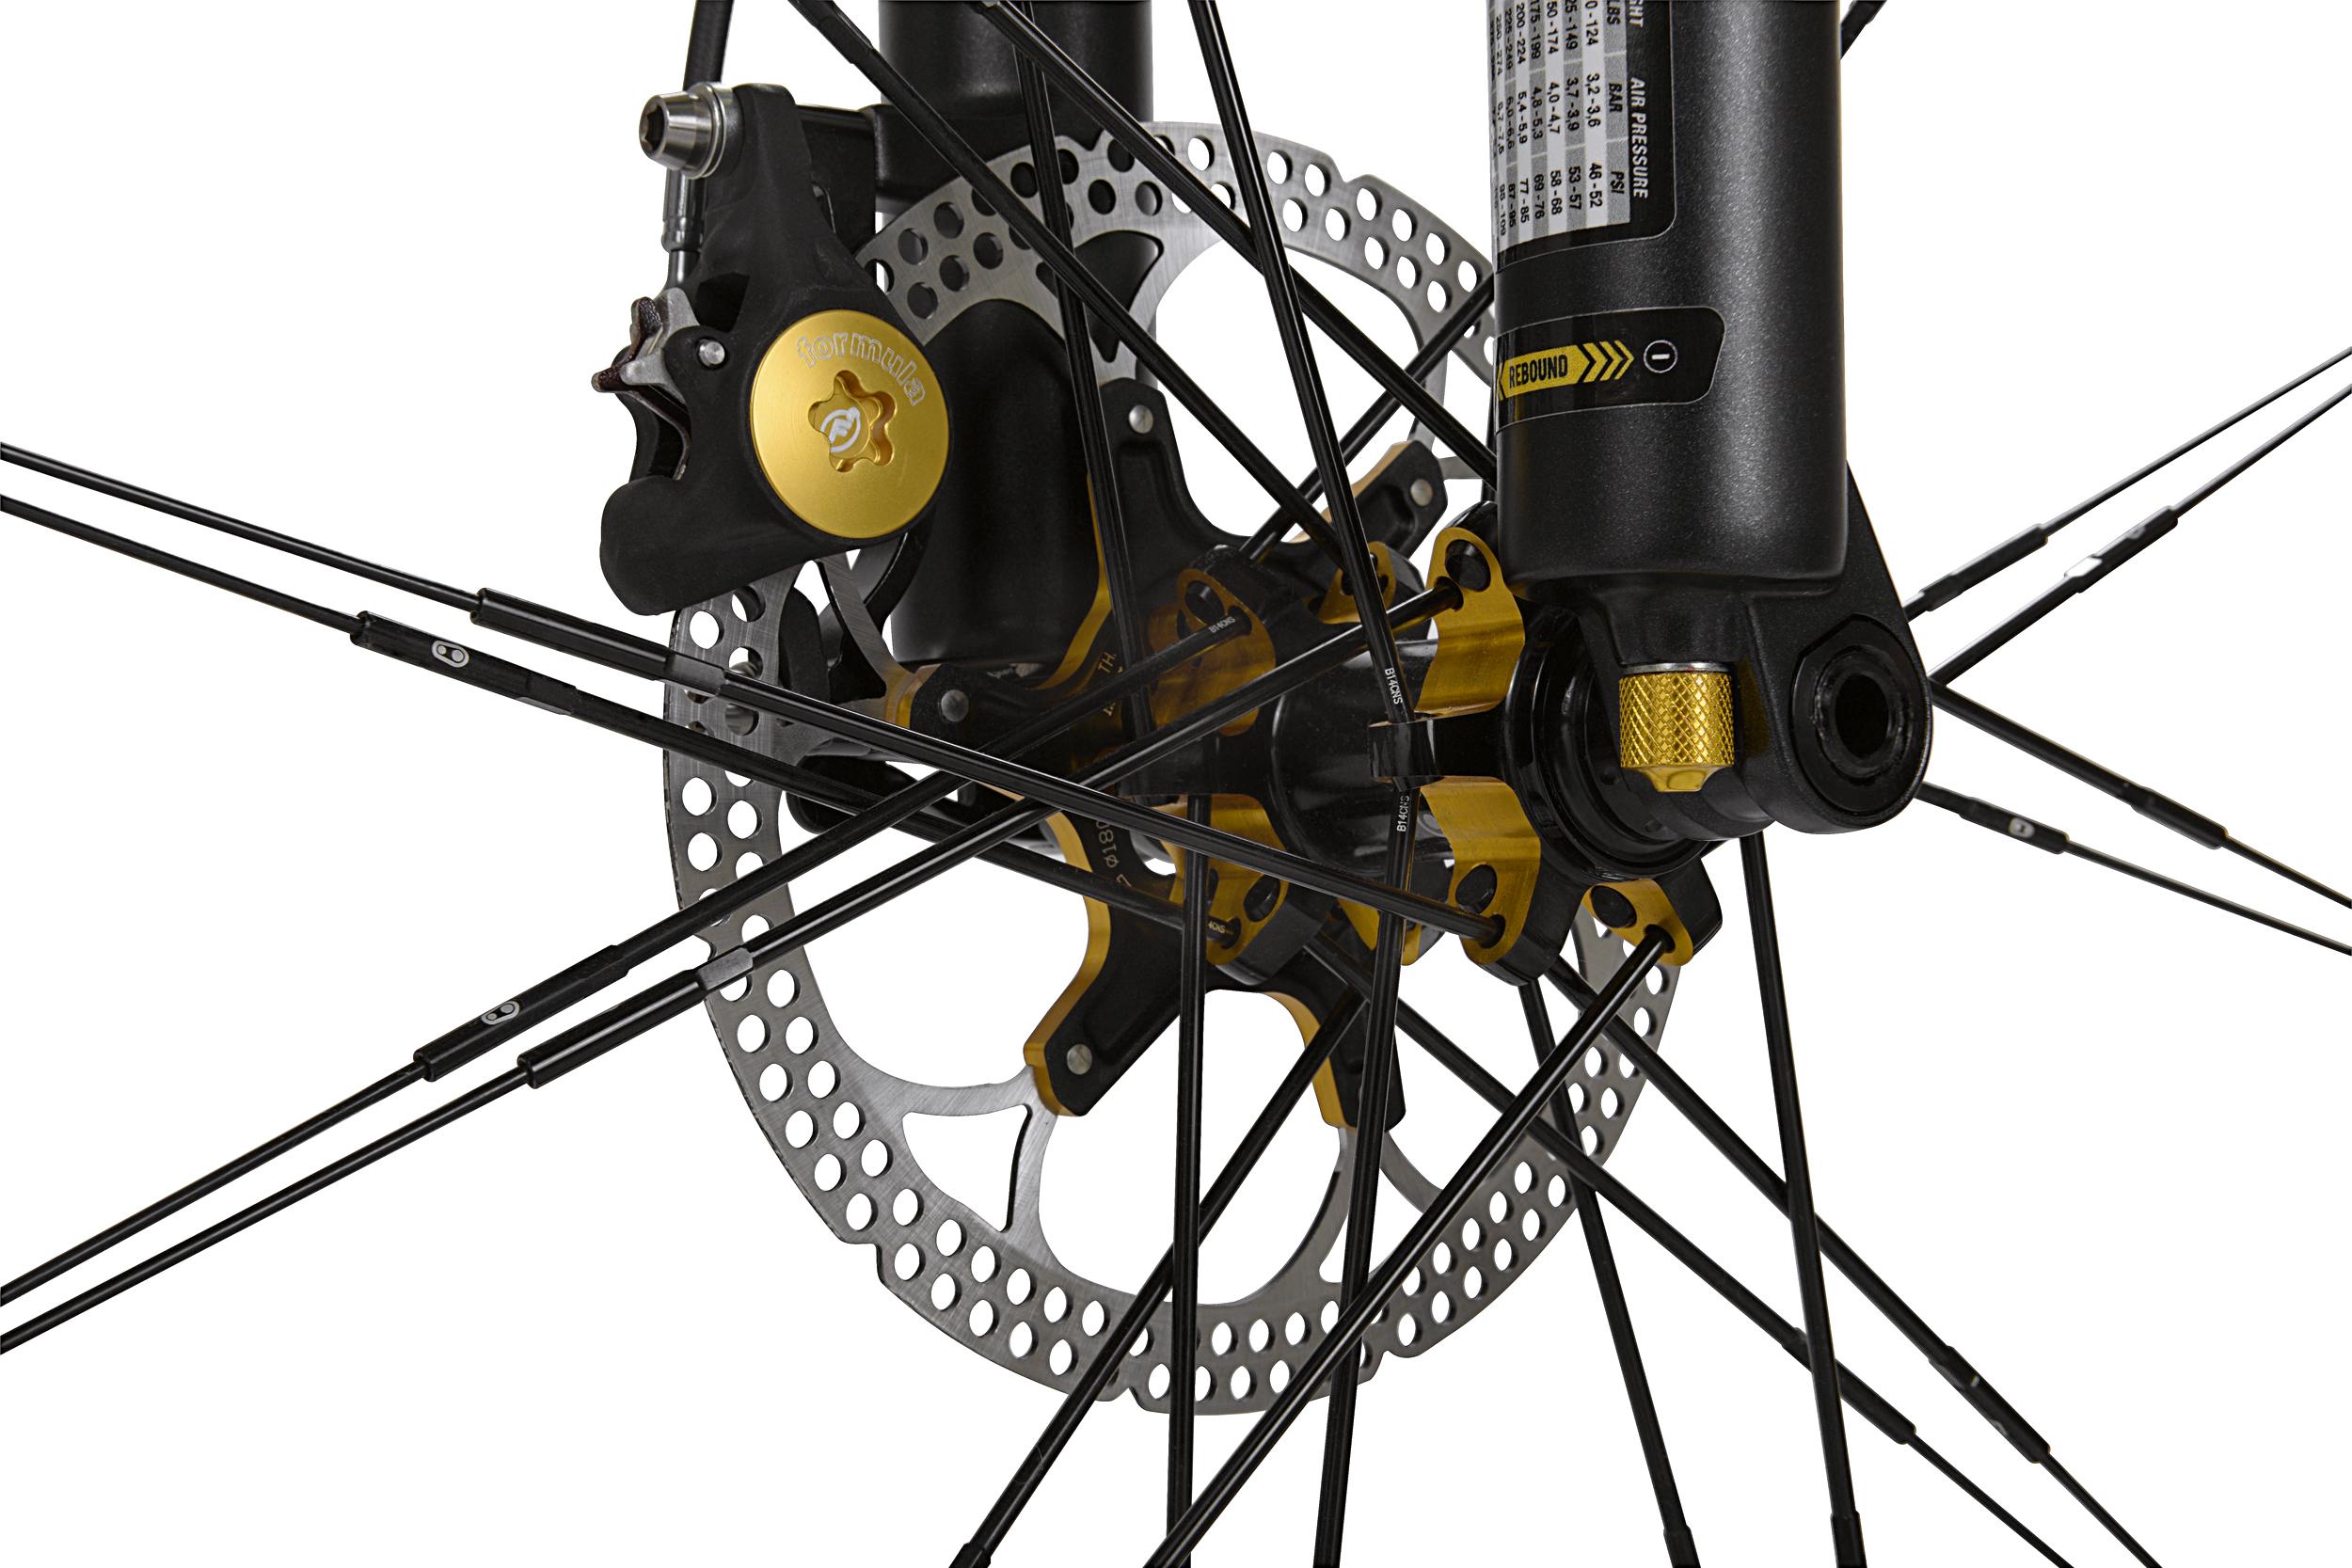 rotwild-gt-s-detail-03-brake